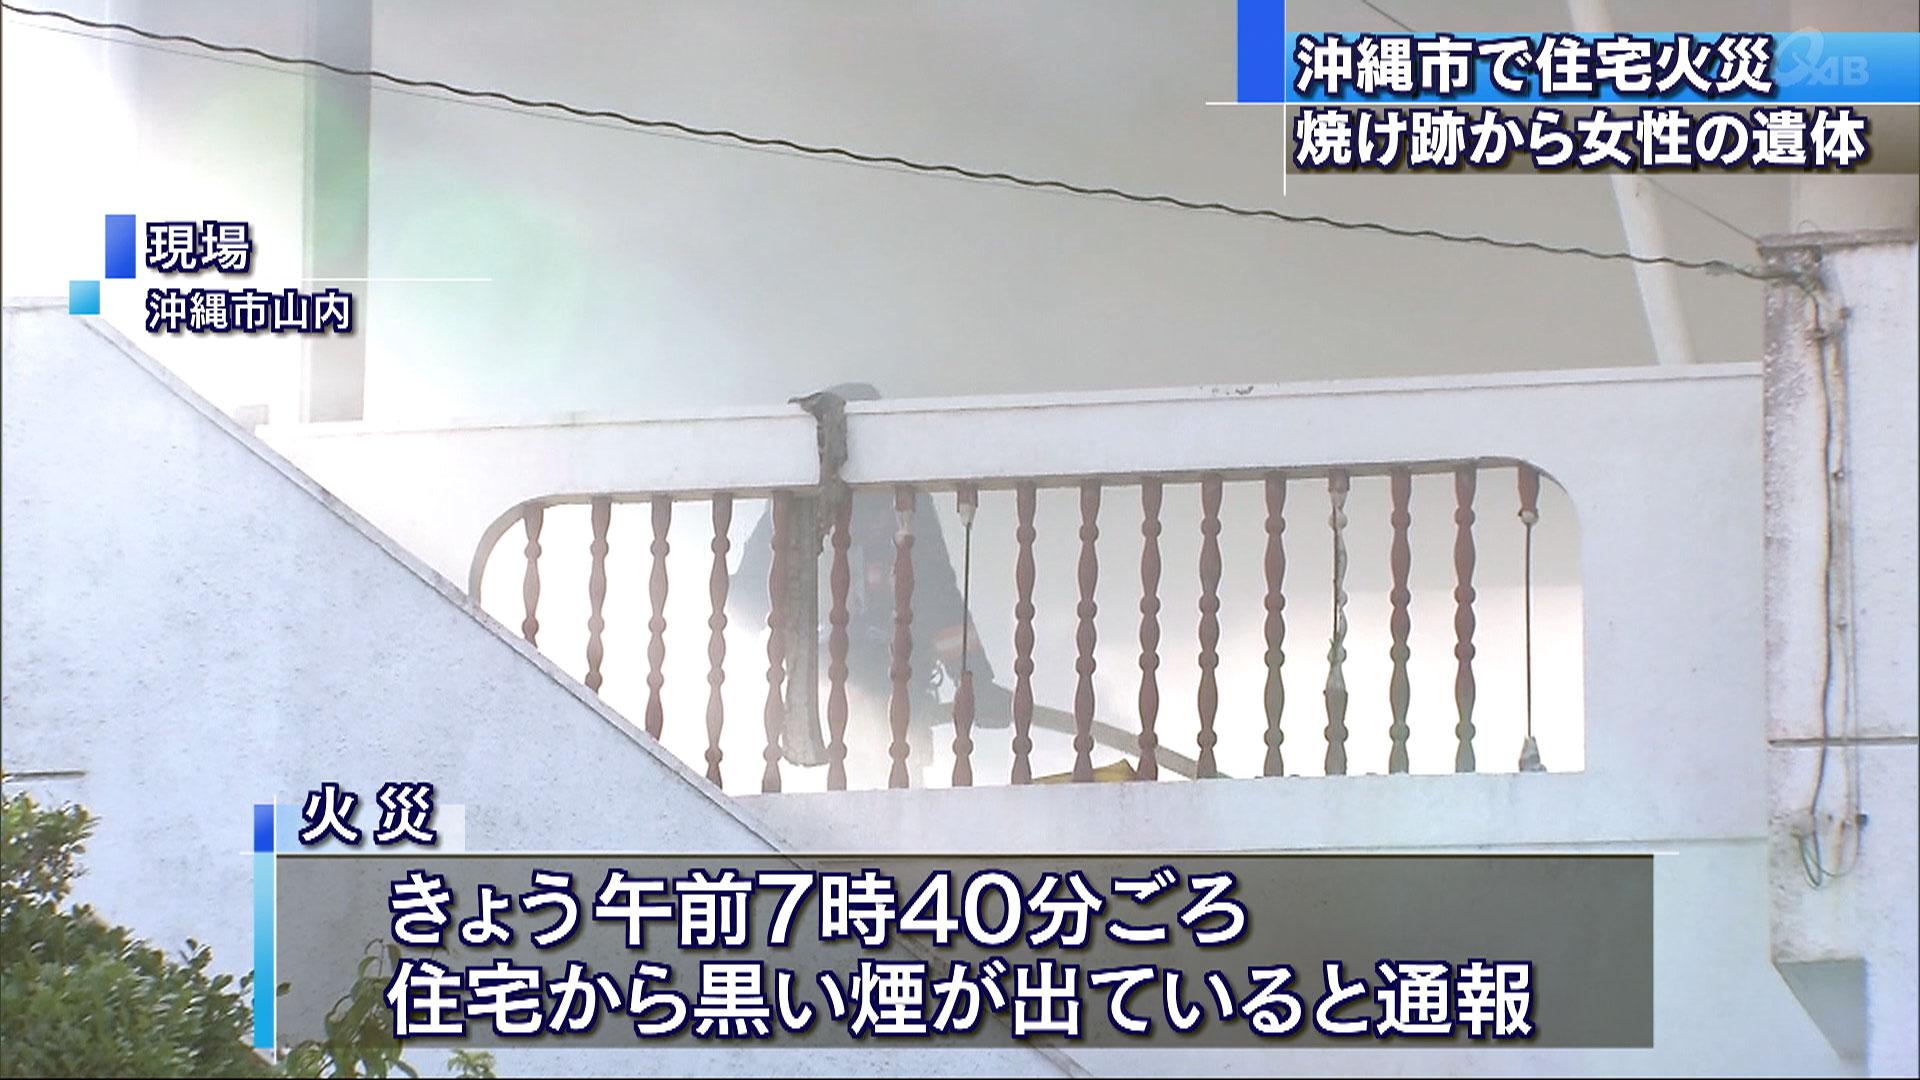 沖縄市で住宅火災 焼け跡から女性の遺体